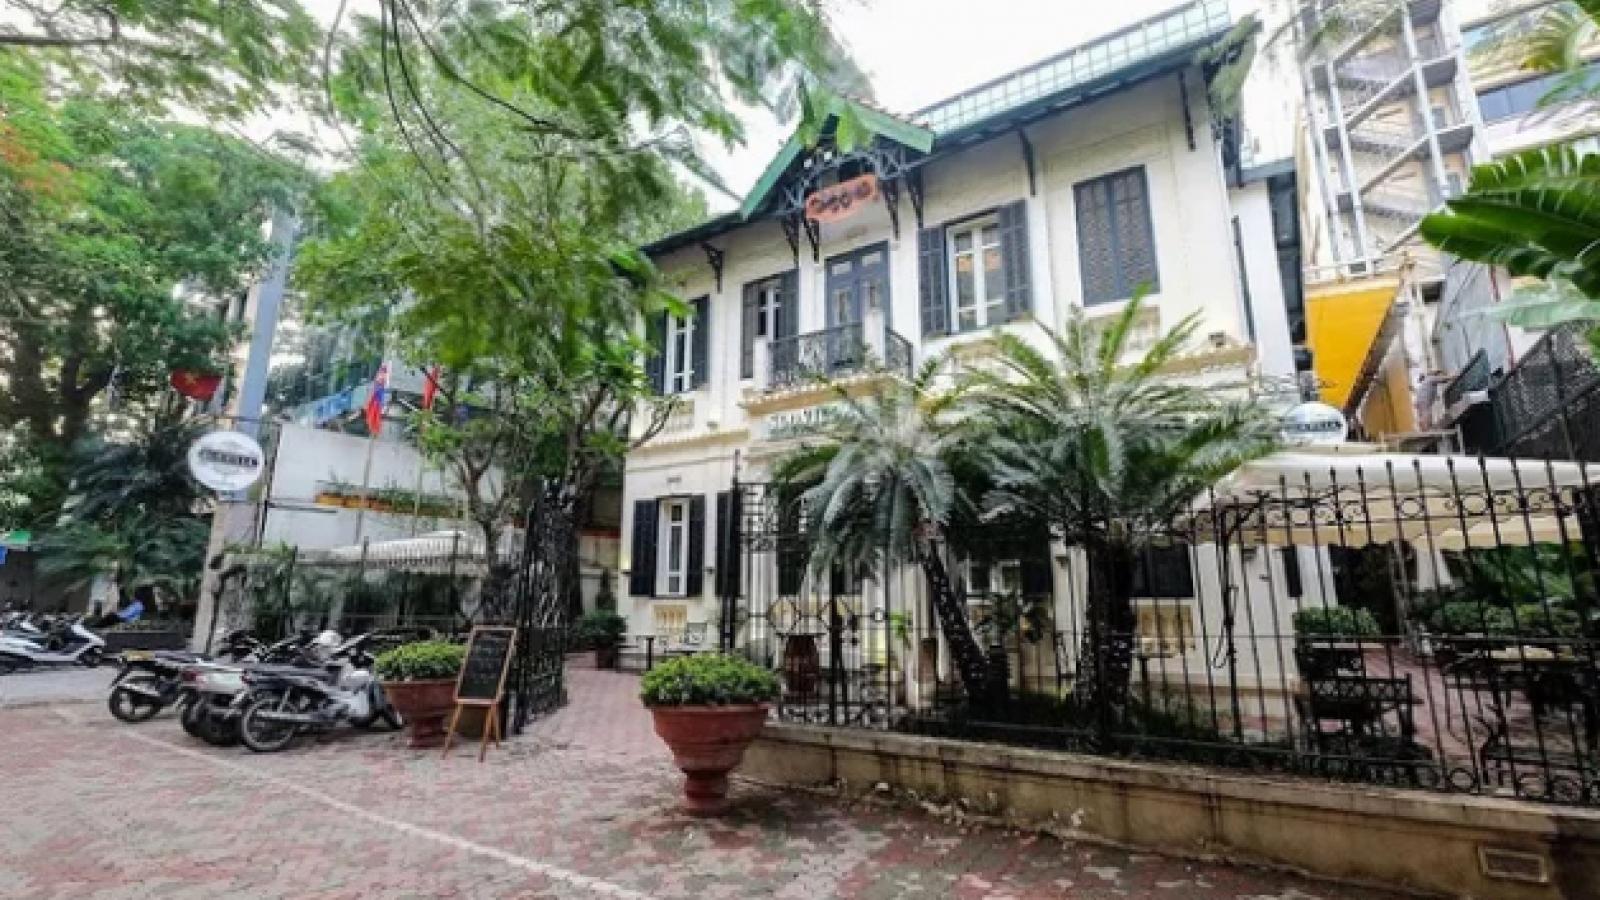 Nhân viên bảo vệ nhà hàng Slovilla ở Hà Nội tử vong chưa rõ nguyên nhân